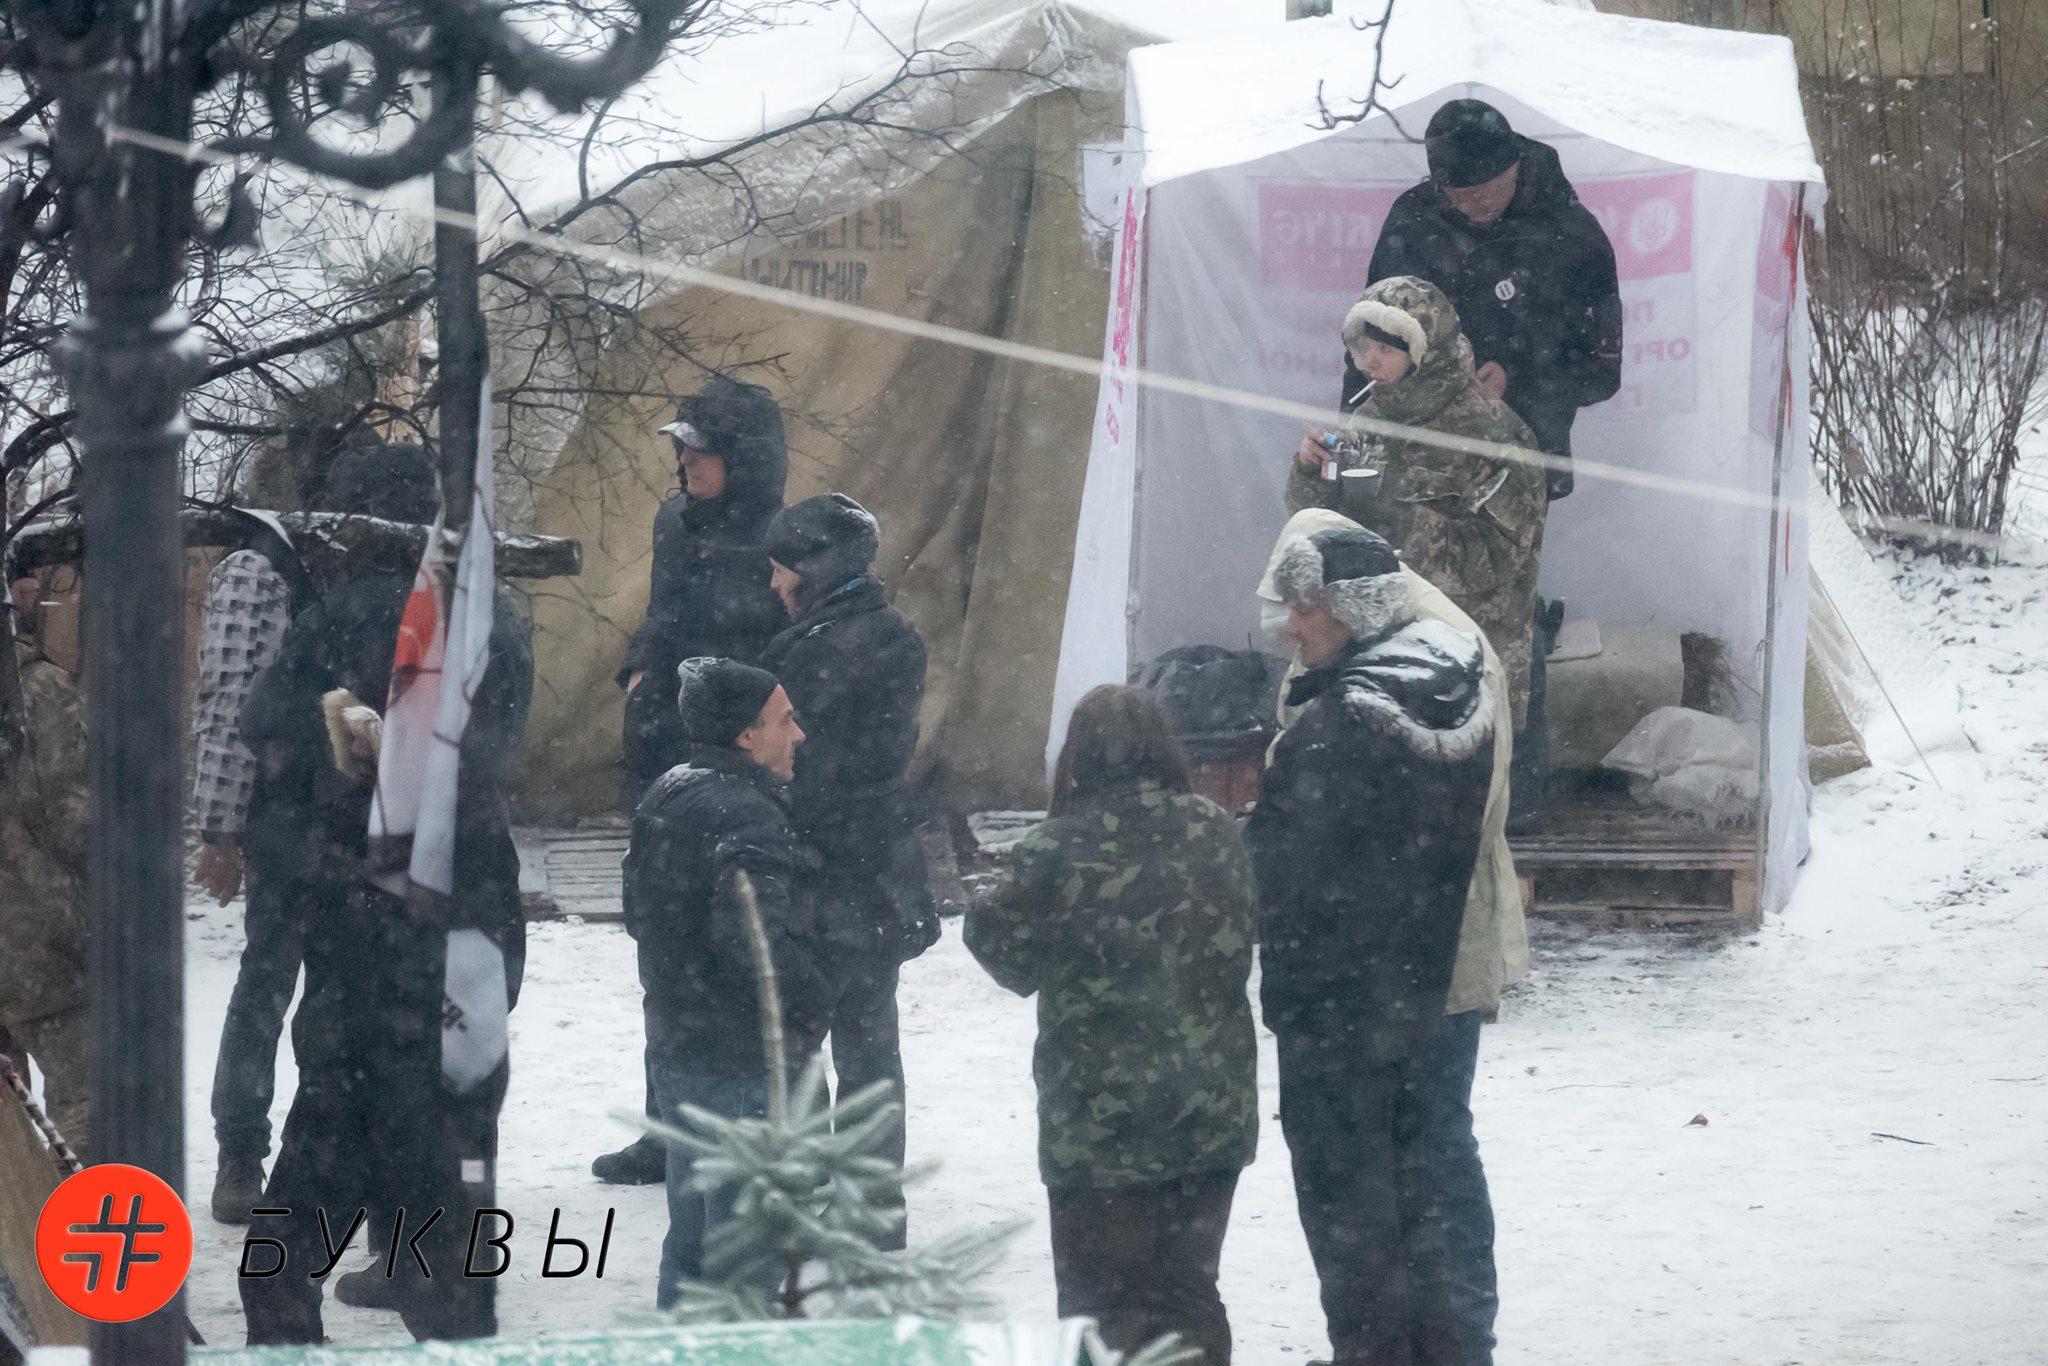 Обстановка в палаточном городке